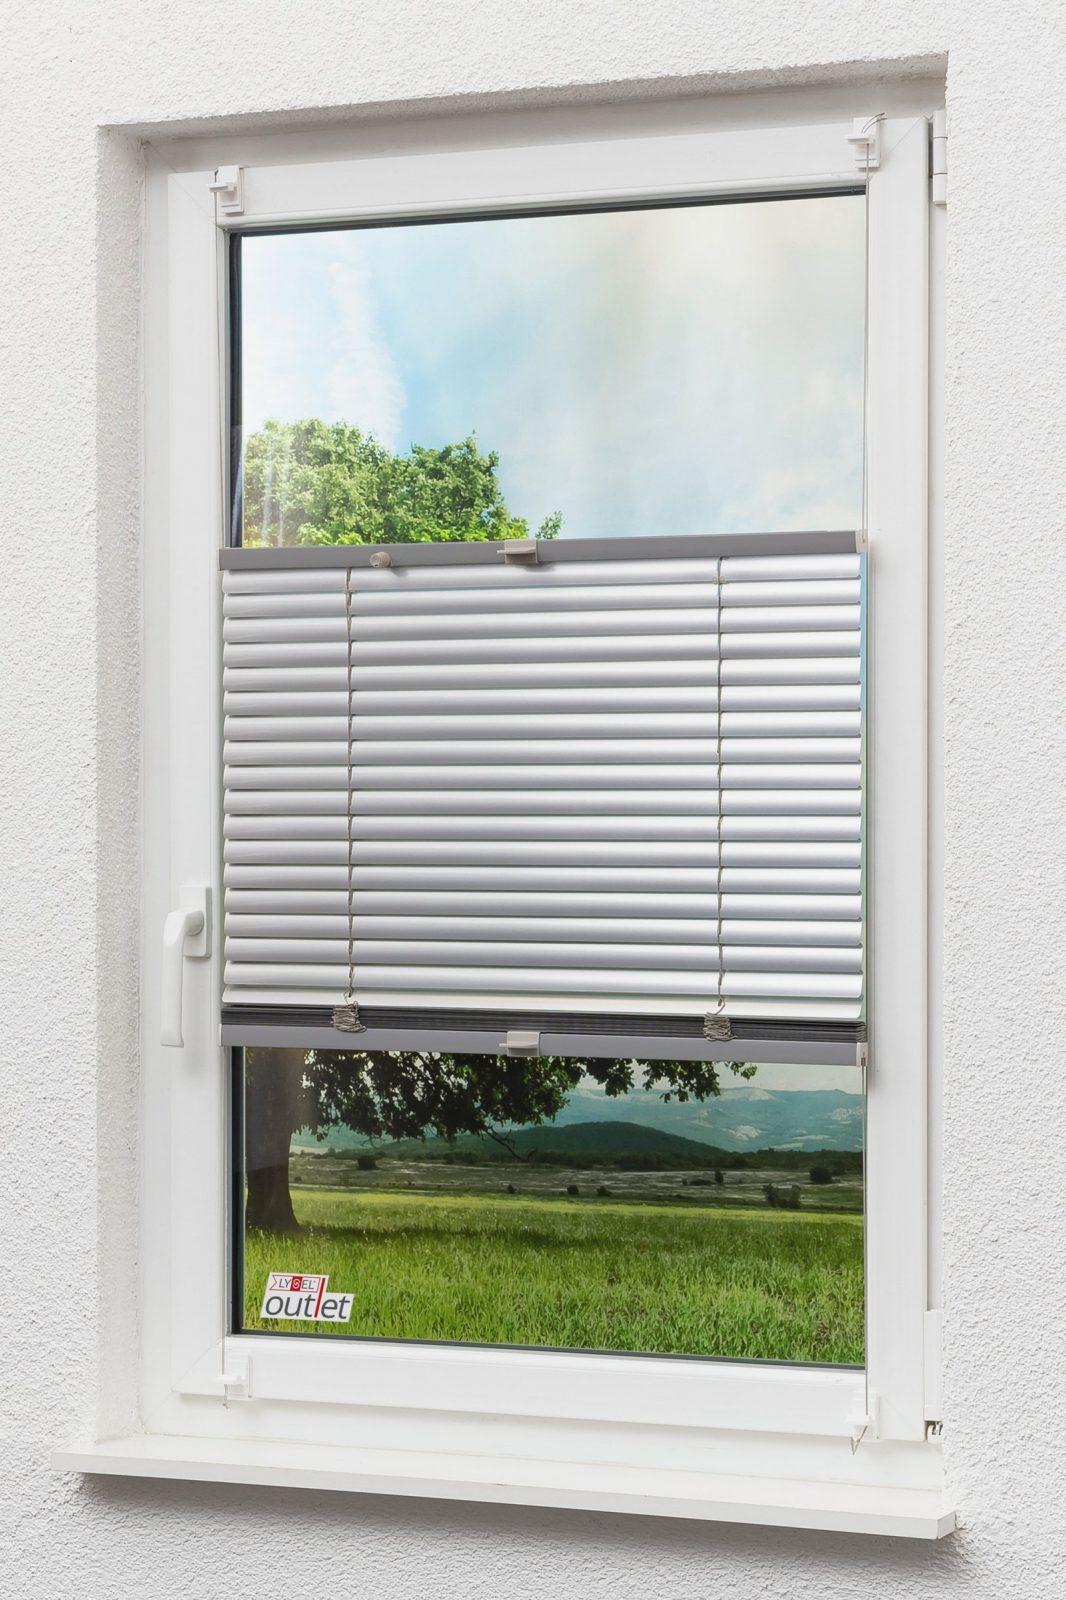 Jalousien Im Standardmaß Auf Wohntextilien von Jalousien Innen Zum Klemmen Photo